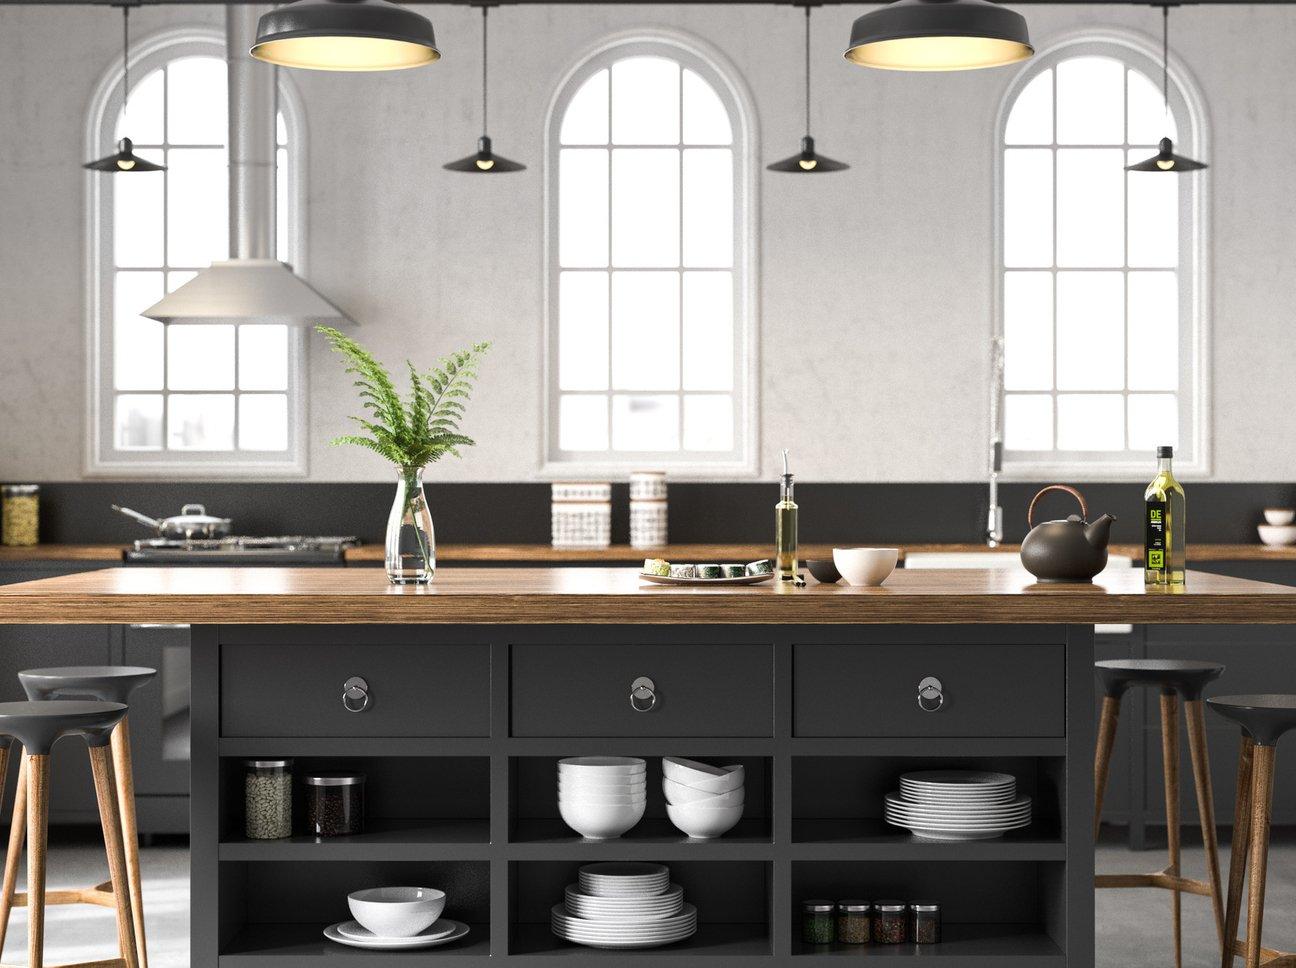 Full Size of Küchen Aufbewahrungsbehälter Kche Deko 5 Dekorationsideen Fr Deine Küche Regal Wohnzimmer Küchen Aufbewahrungsbehälter